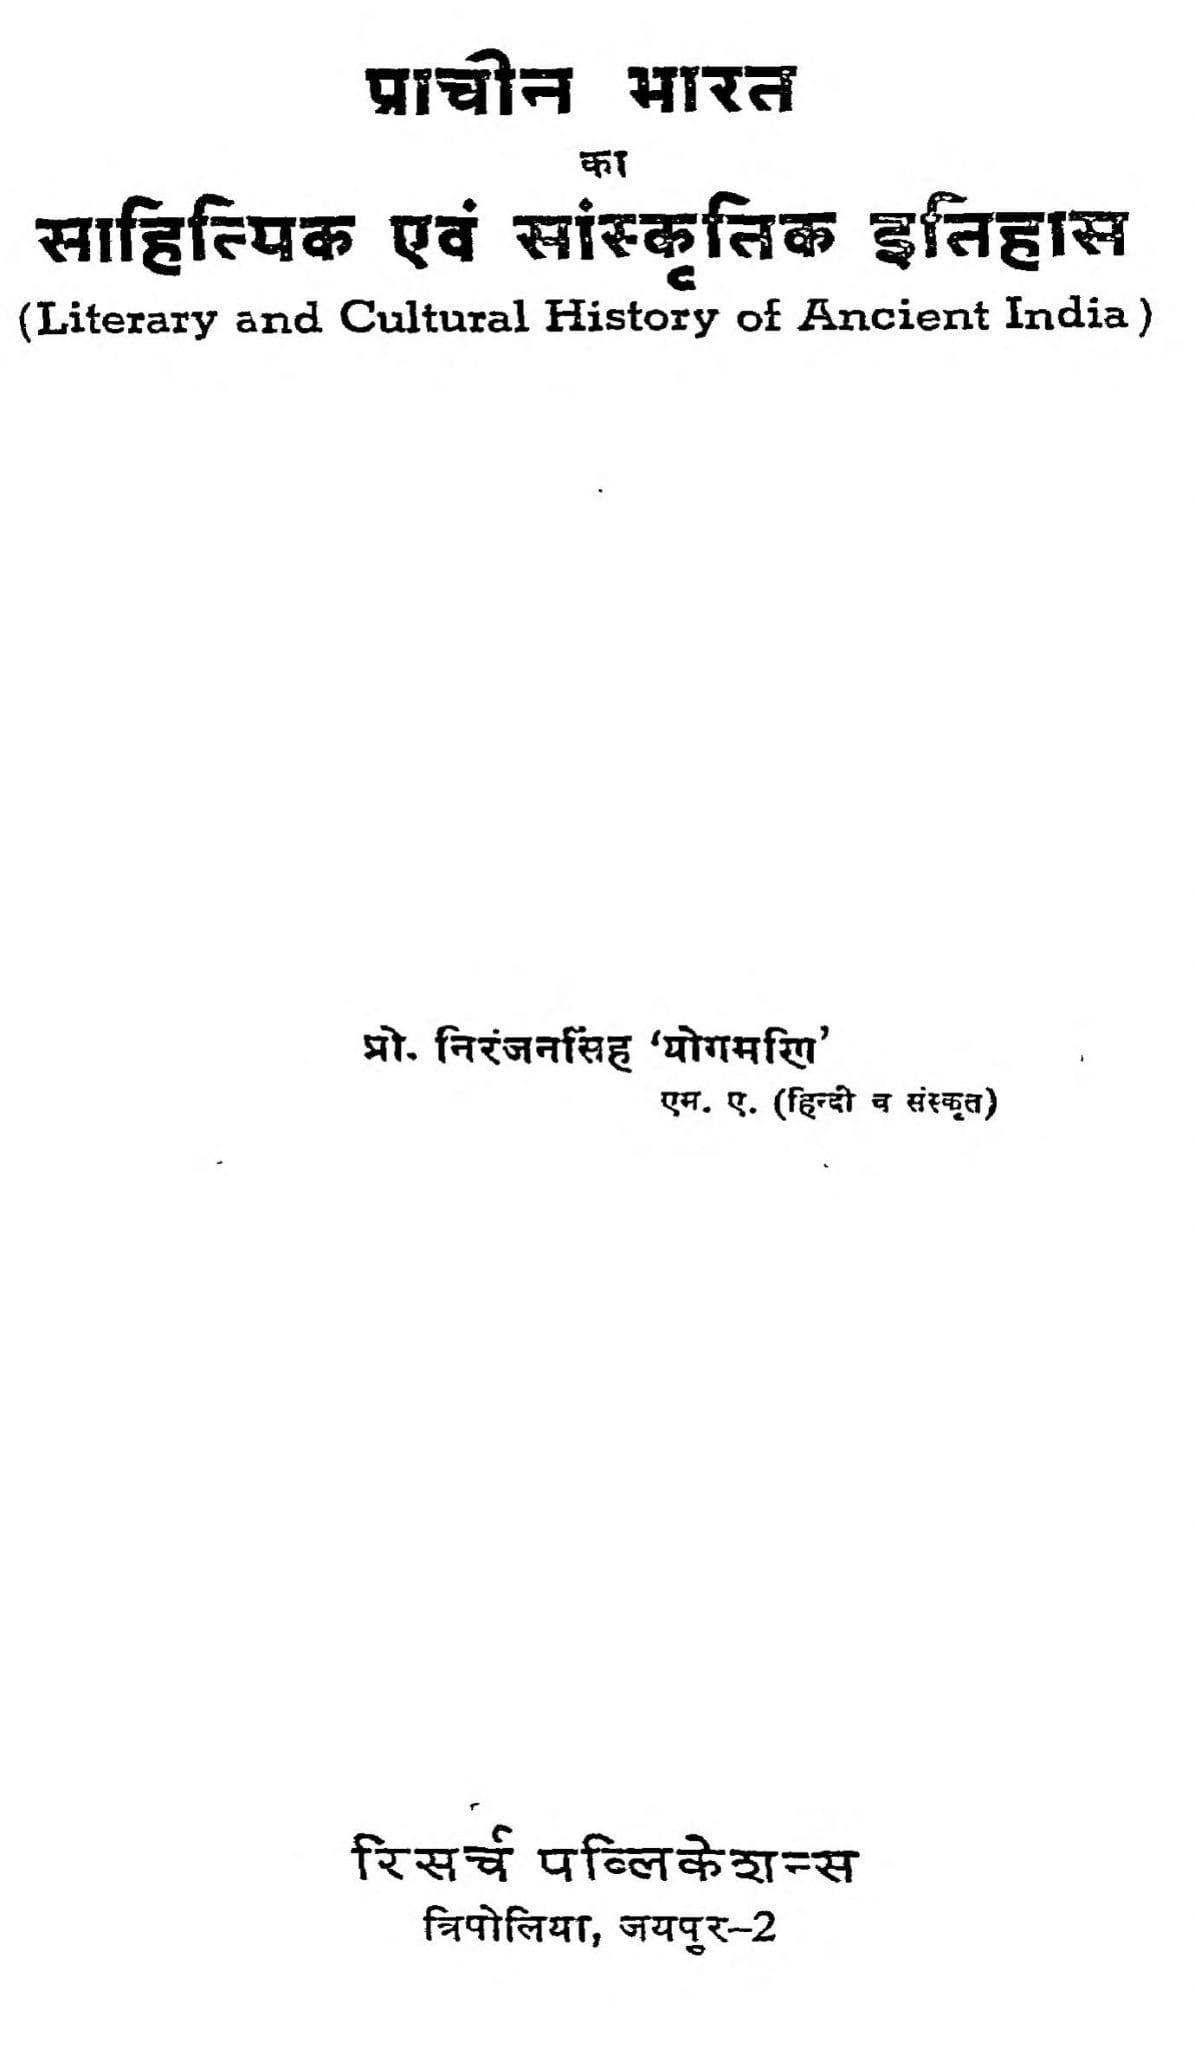 Book Image : प्राचीन भारत का साहित्यिक एवं सांस्कृतिक इतिहास  - Prachin Bharat Ka Sahityik Avam Sanskritik Itihas